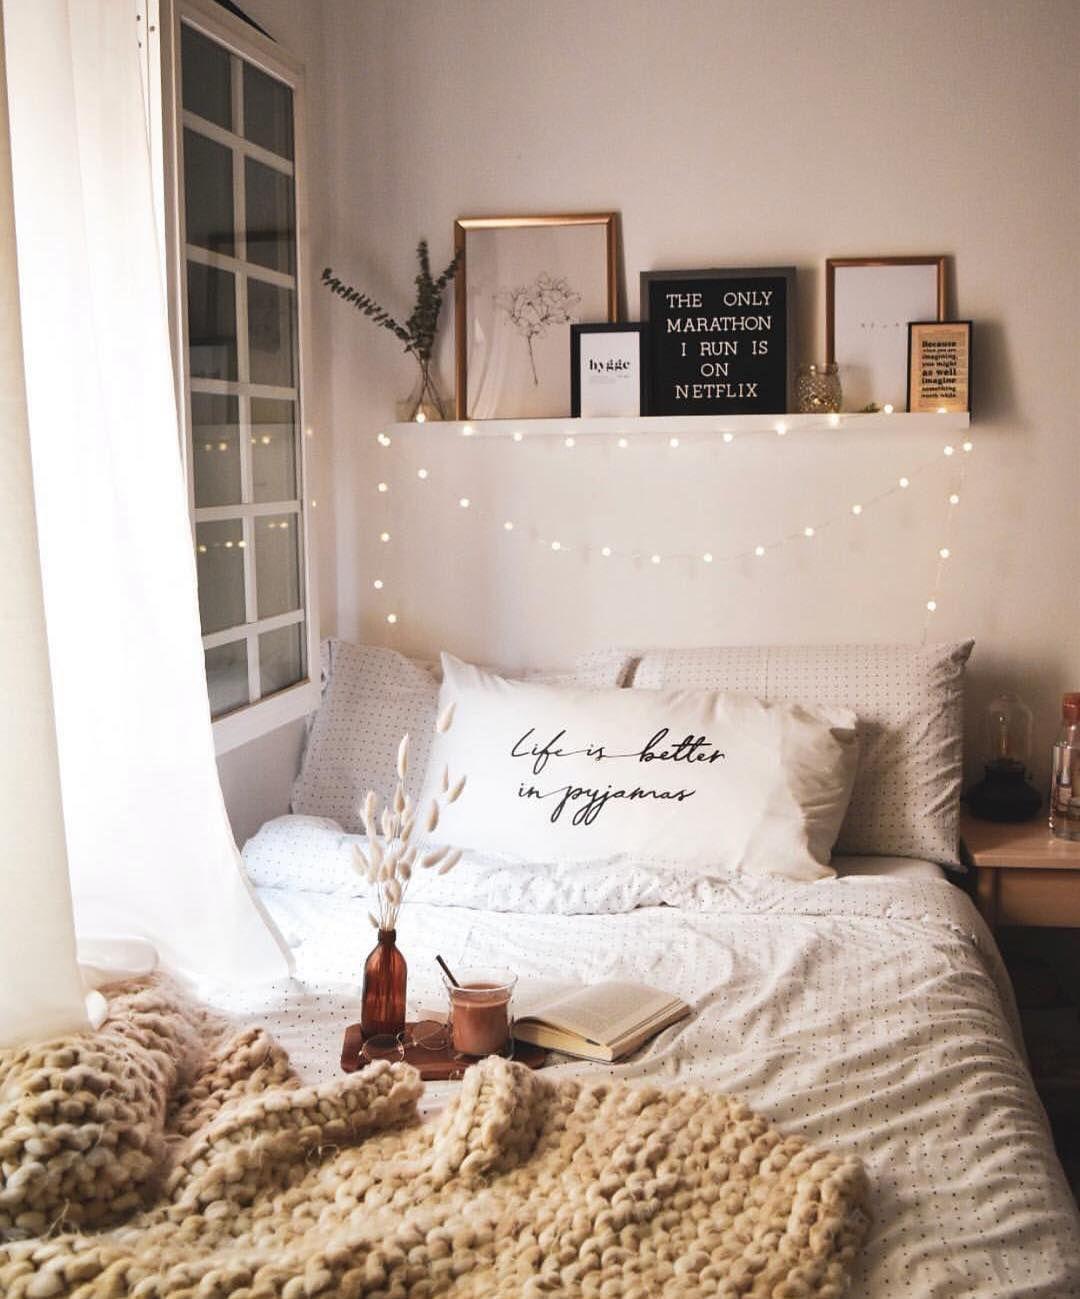 Full Size of Schlafzimmer Regal Weißes Schimmel Im Landhaus Stuhl Mit überbau Eckschrank Landhausstil Weiß Deckenleuchte Romantisches Bett Komplettes Modern Deckenlampe Schlafzimmer Romantische Schlafzimmer